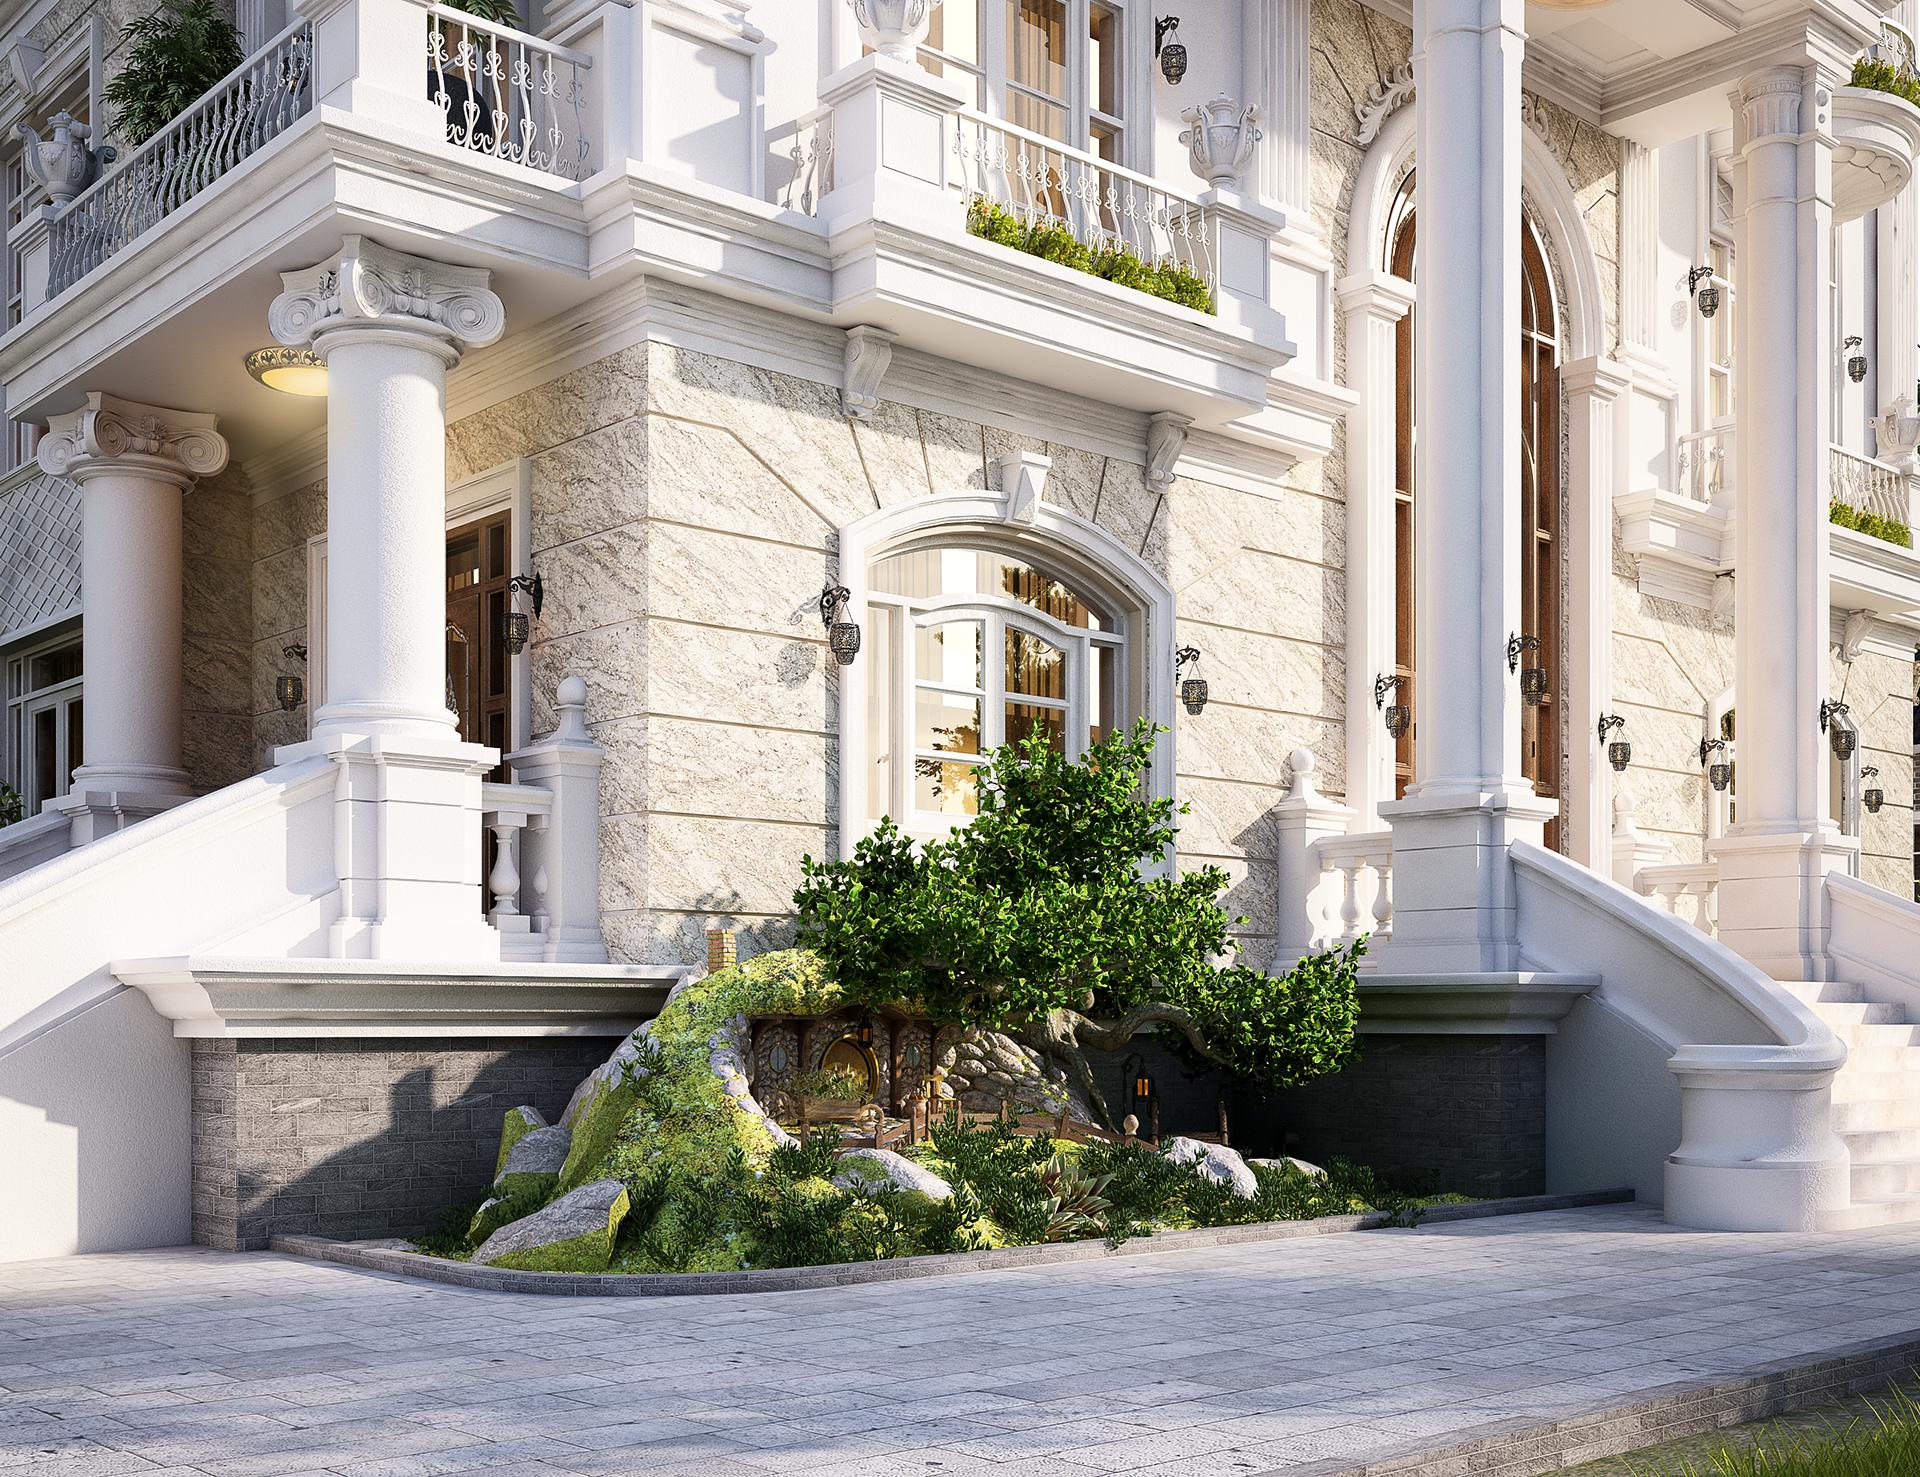 [Giới thiệu] Hình ảnh thiết kế kiến trúc ngoại thất biệt thự tân cổ